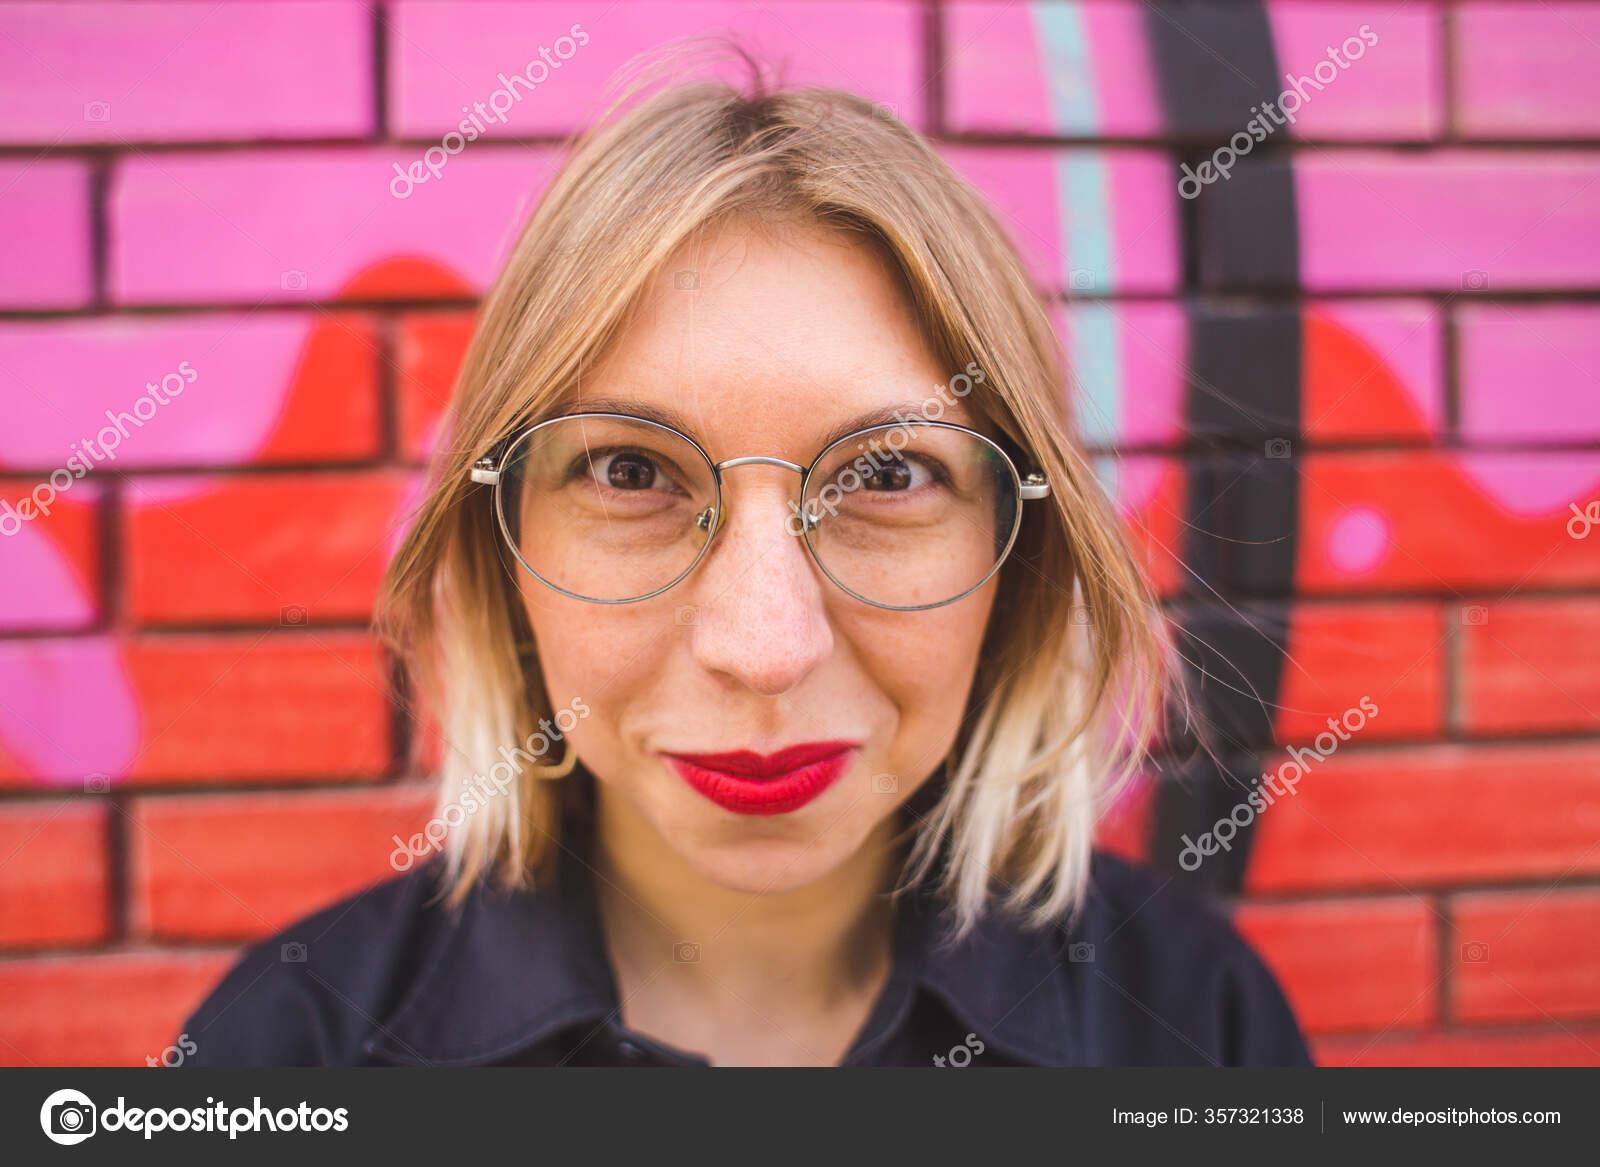 Blondine Mit Brille